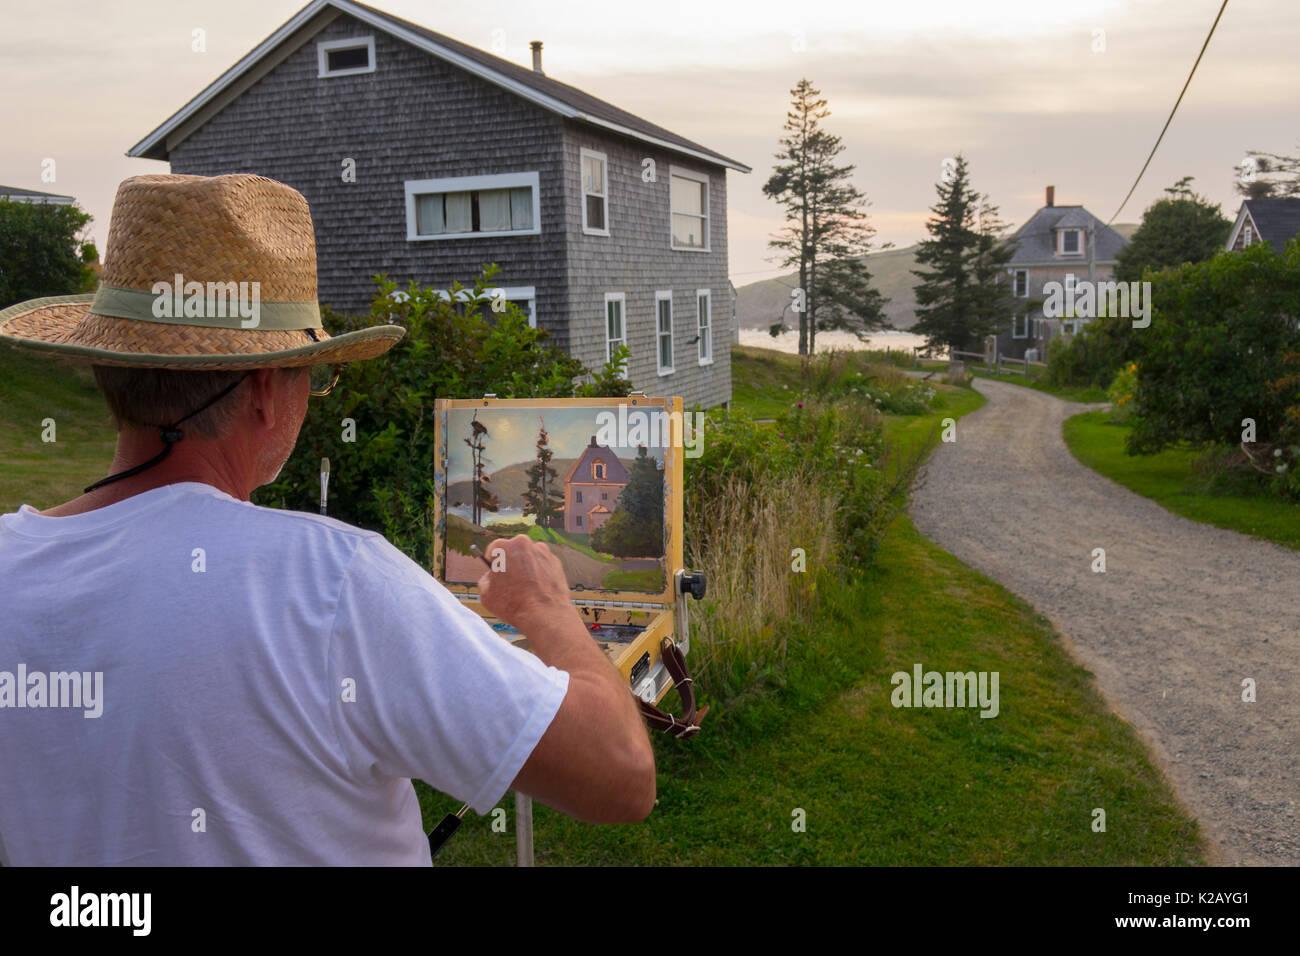 usa-maine-me-monhegan-island-an-artist-i